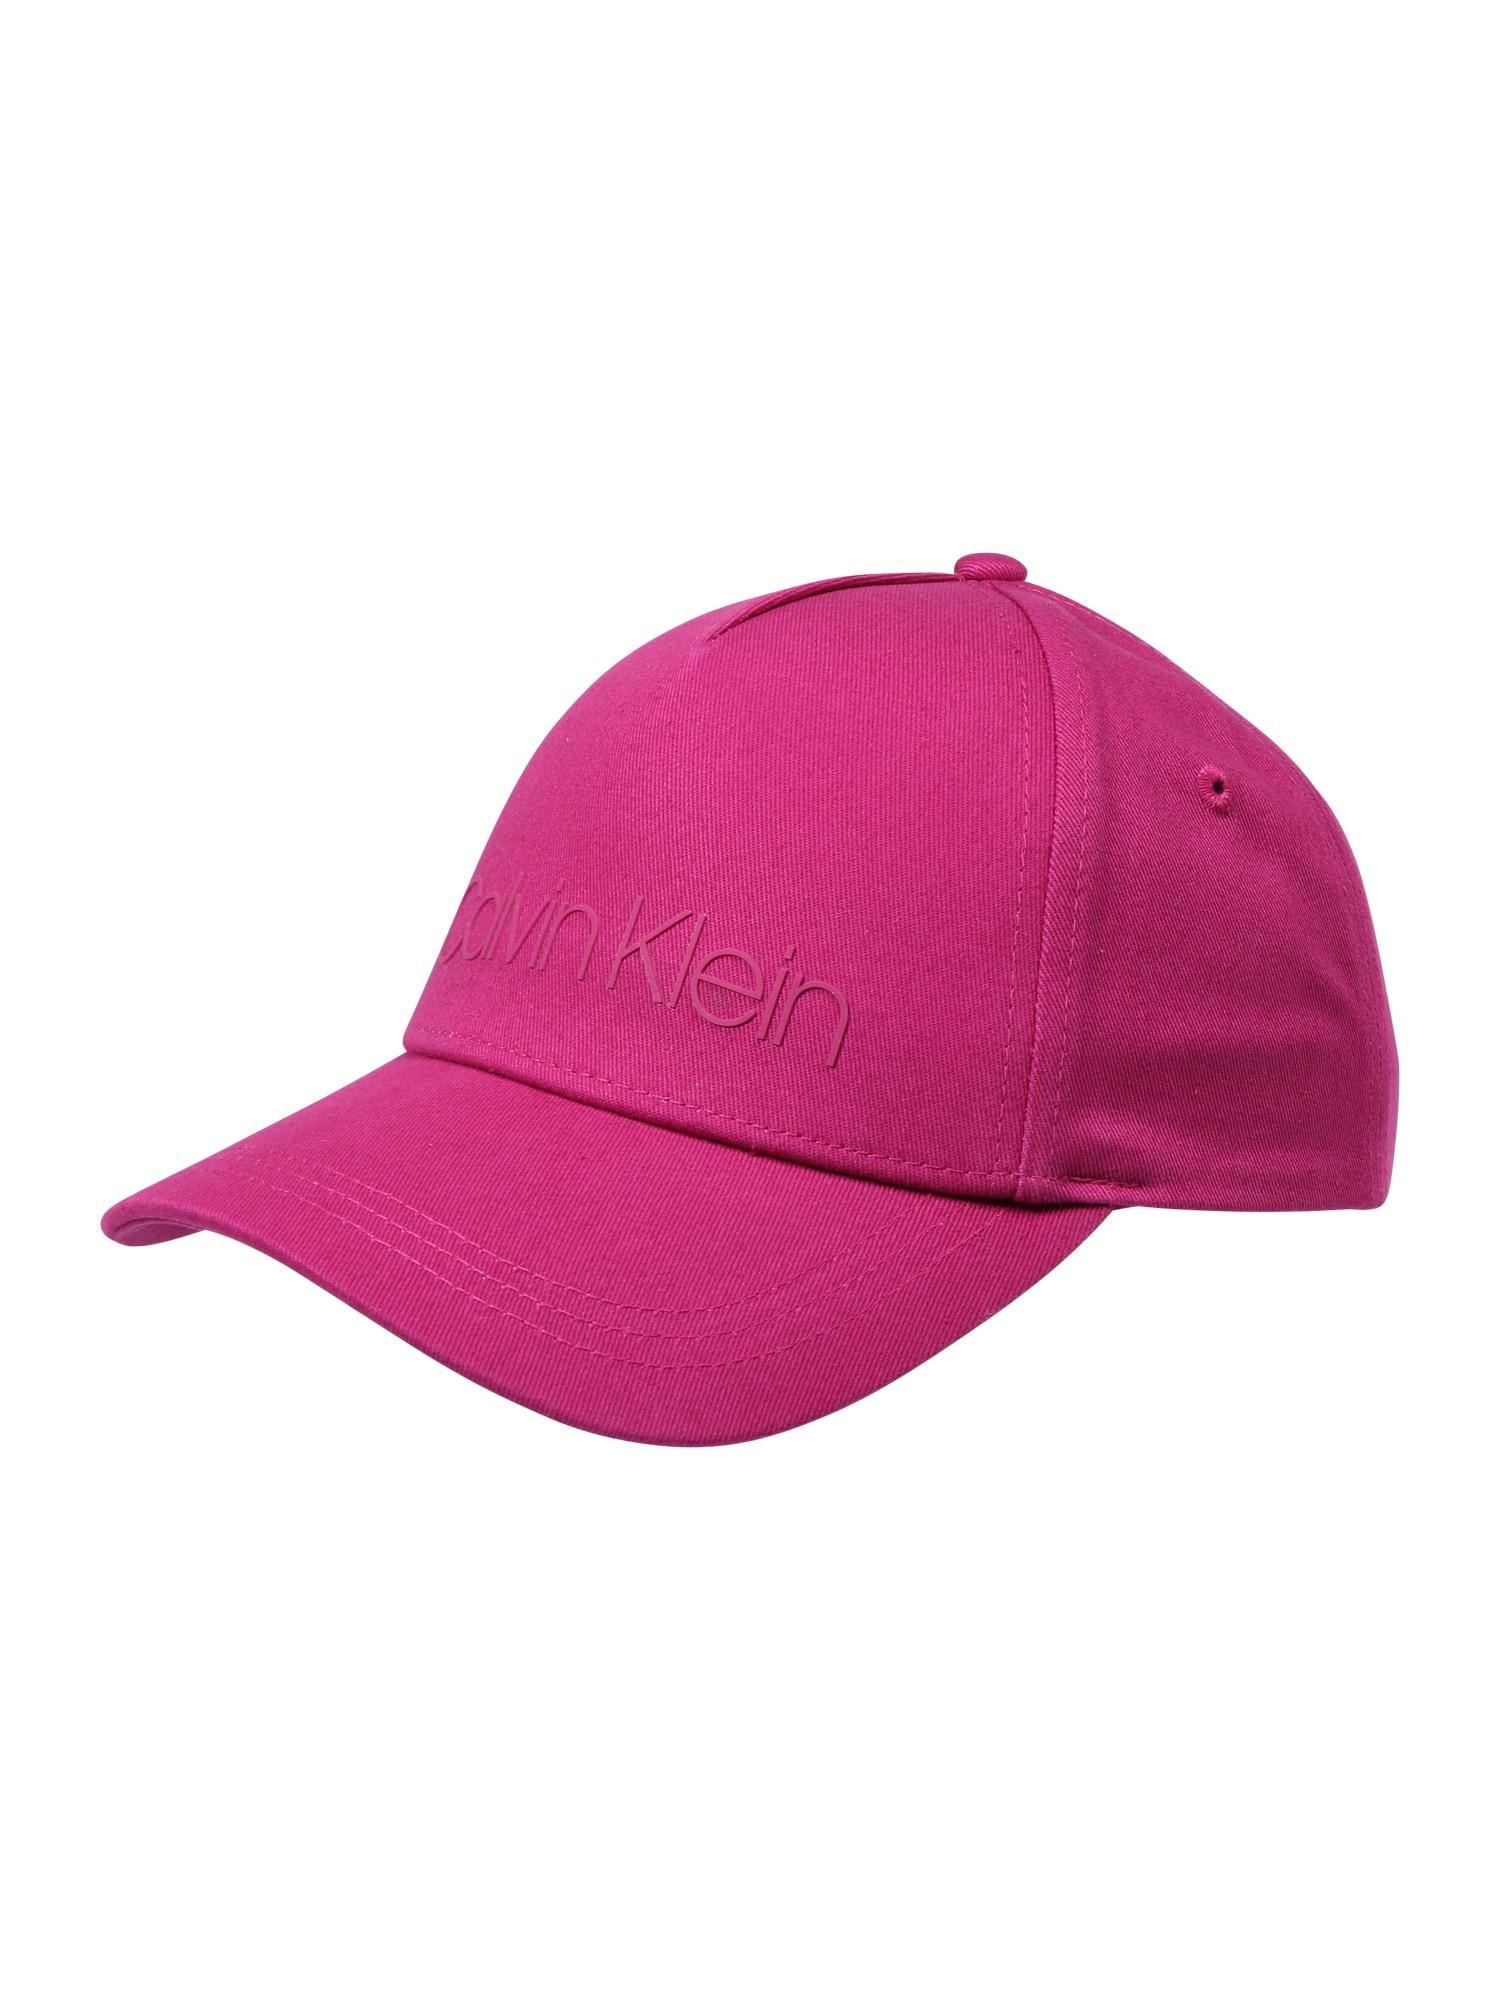 Cap | Accessoires > Caps > Sonstige Caps | Magenta | Calvin Klein